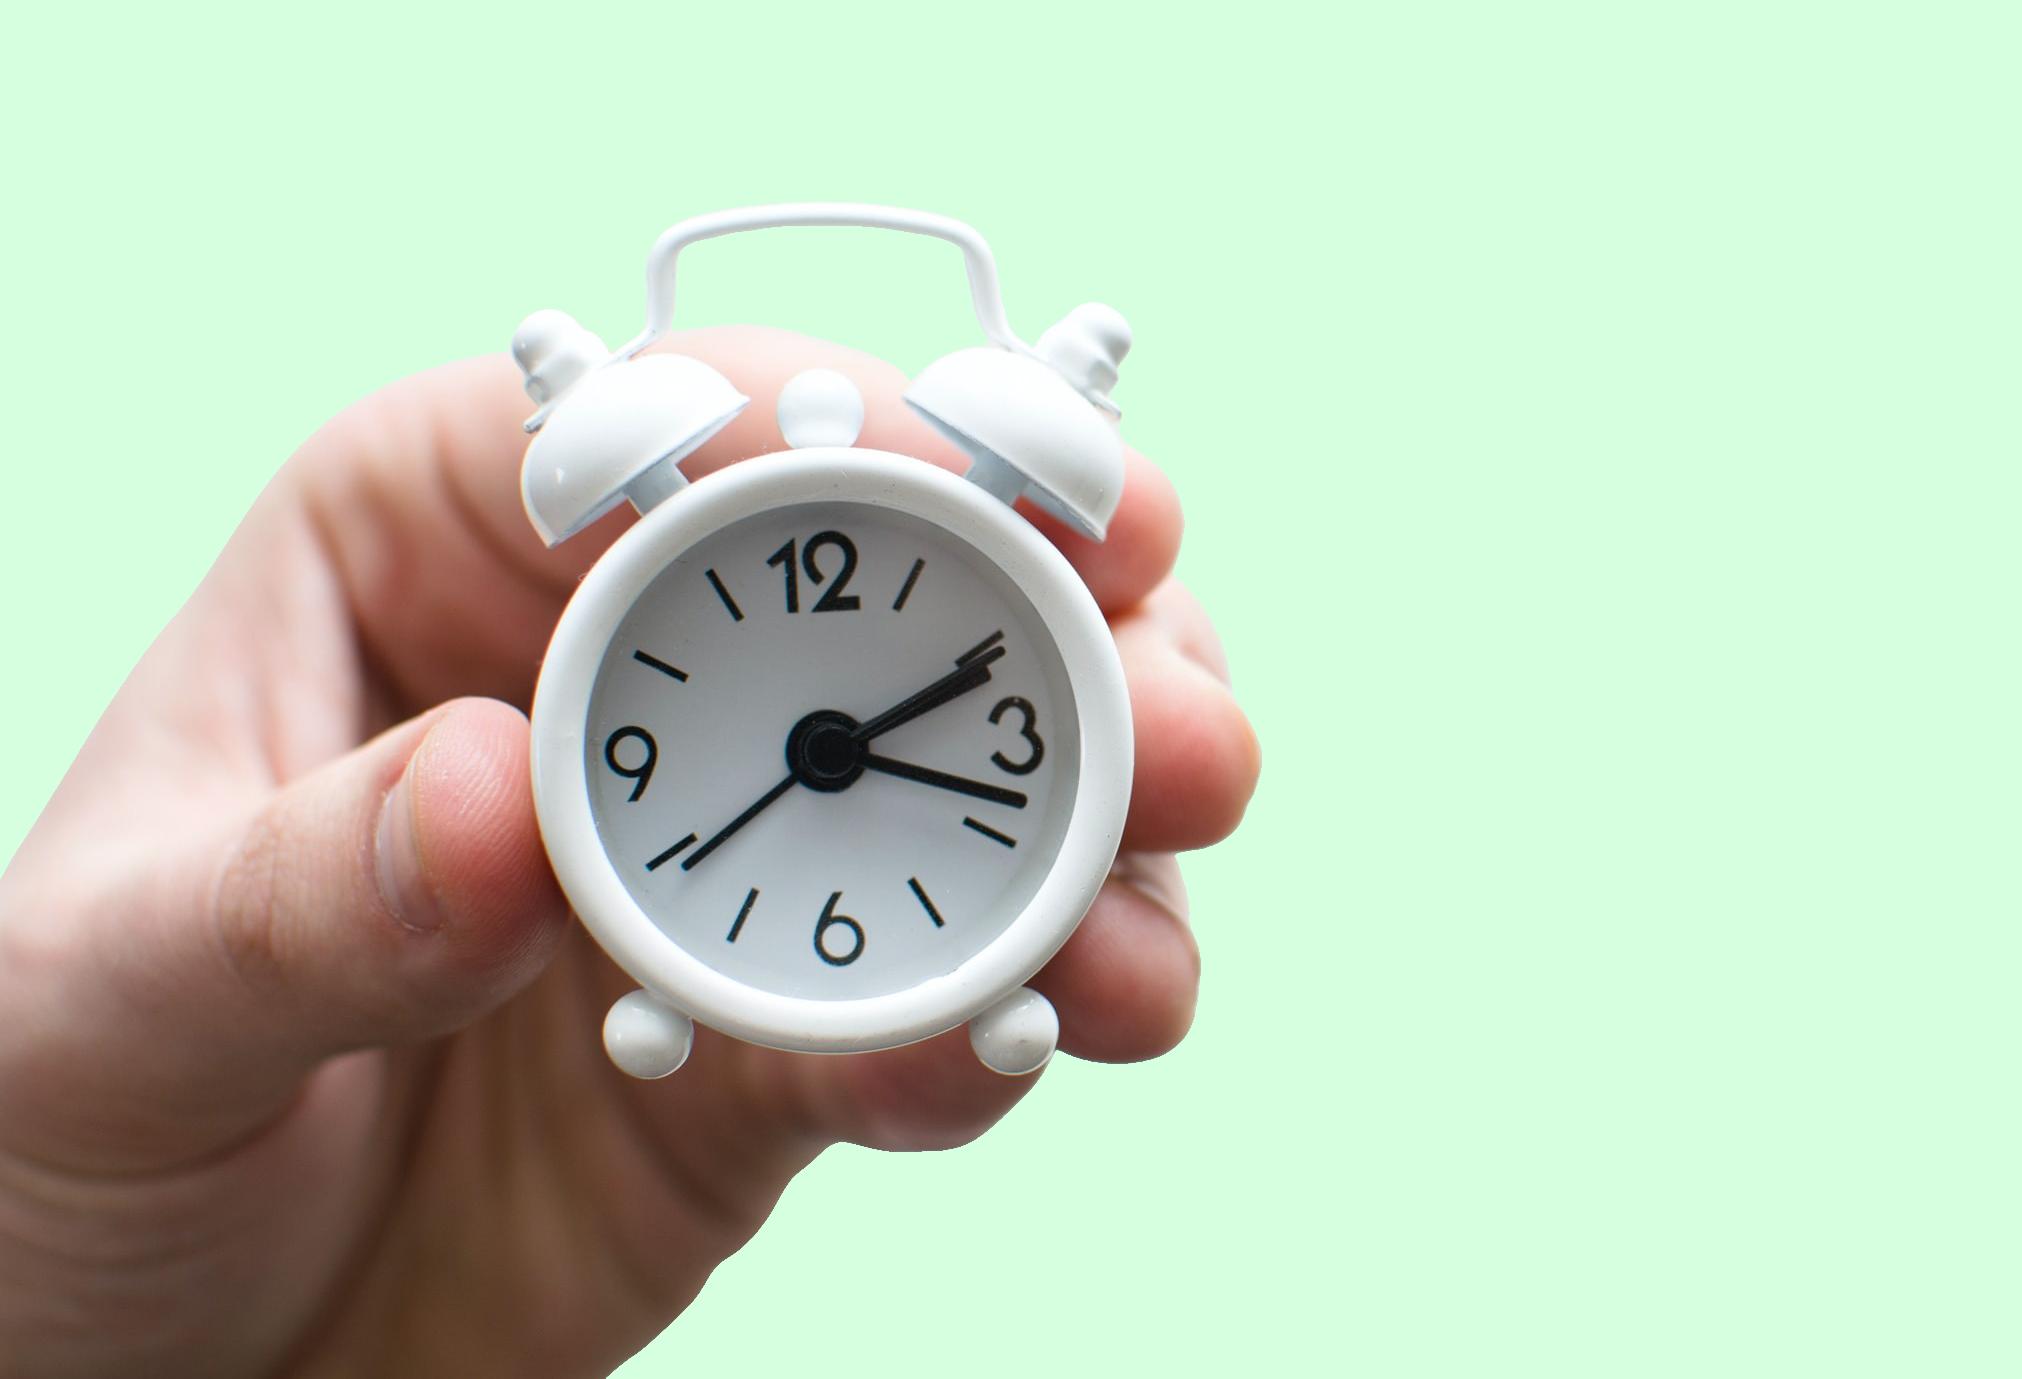 Fotografia di una mano che regge un orologio sveglia